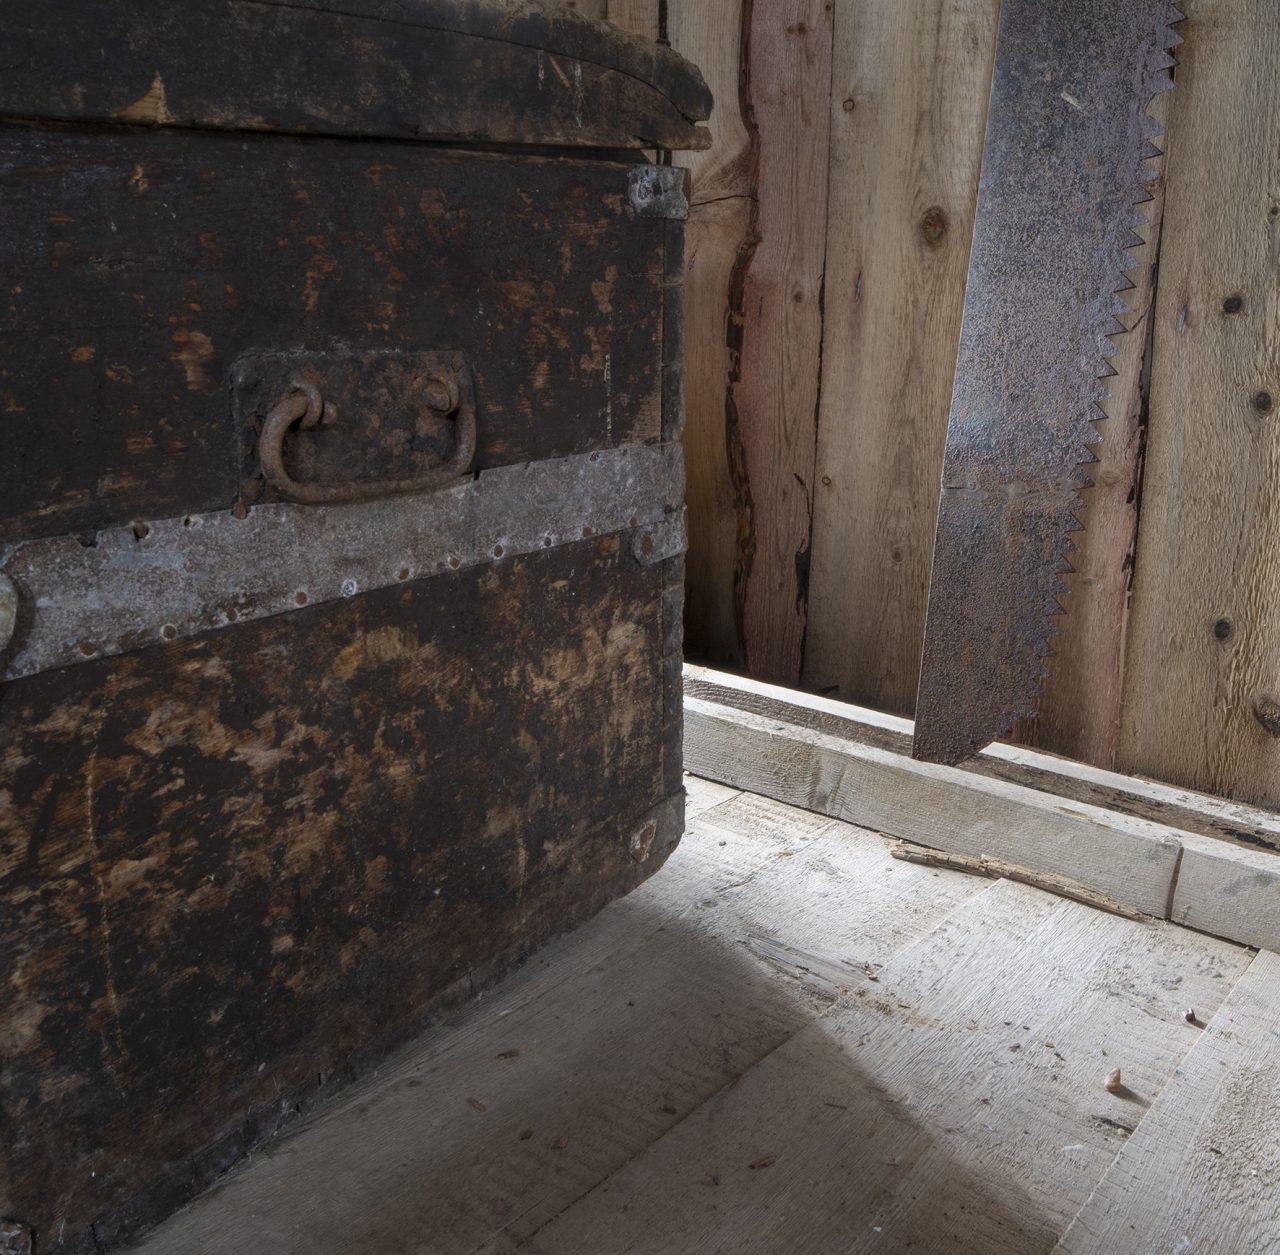 Detalj på kiste i utstilling, Falch gamle handelssted, Rødøy